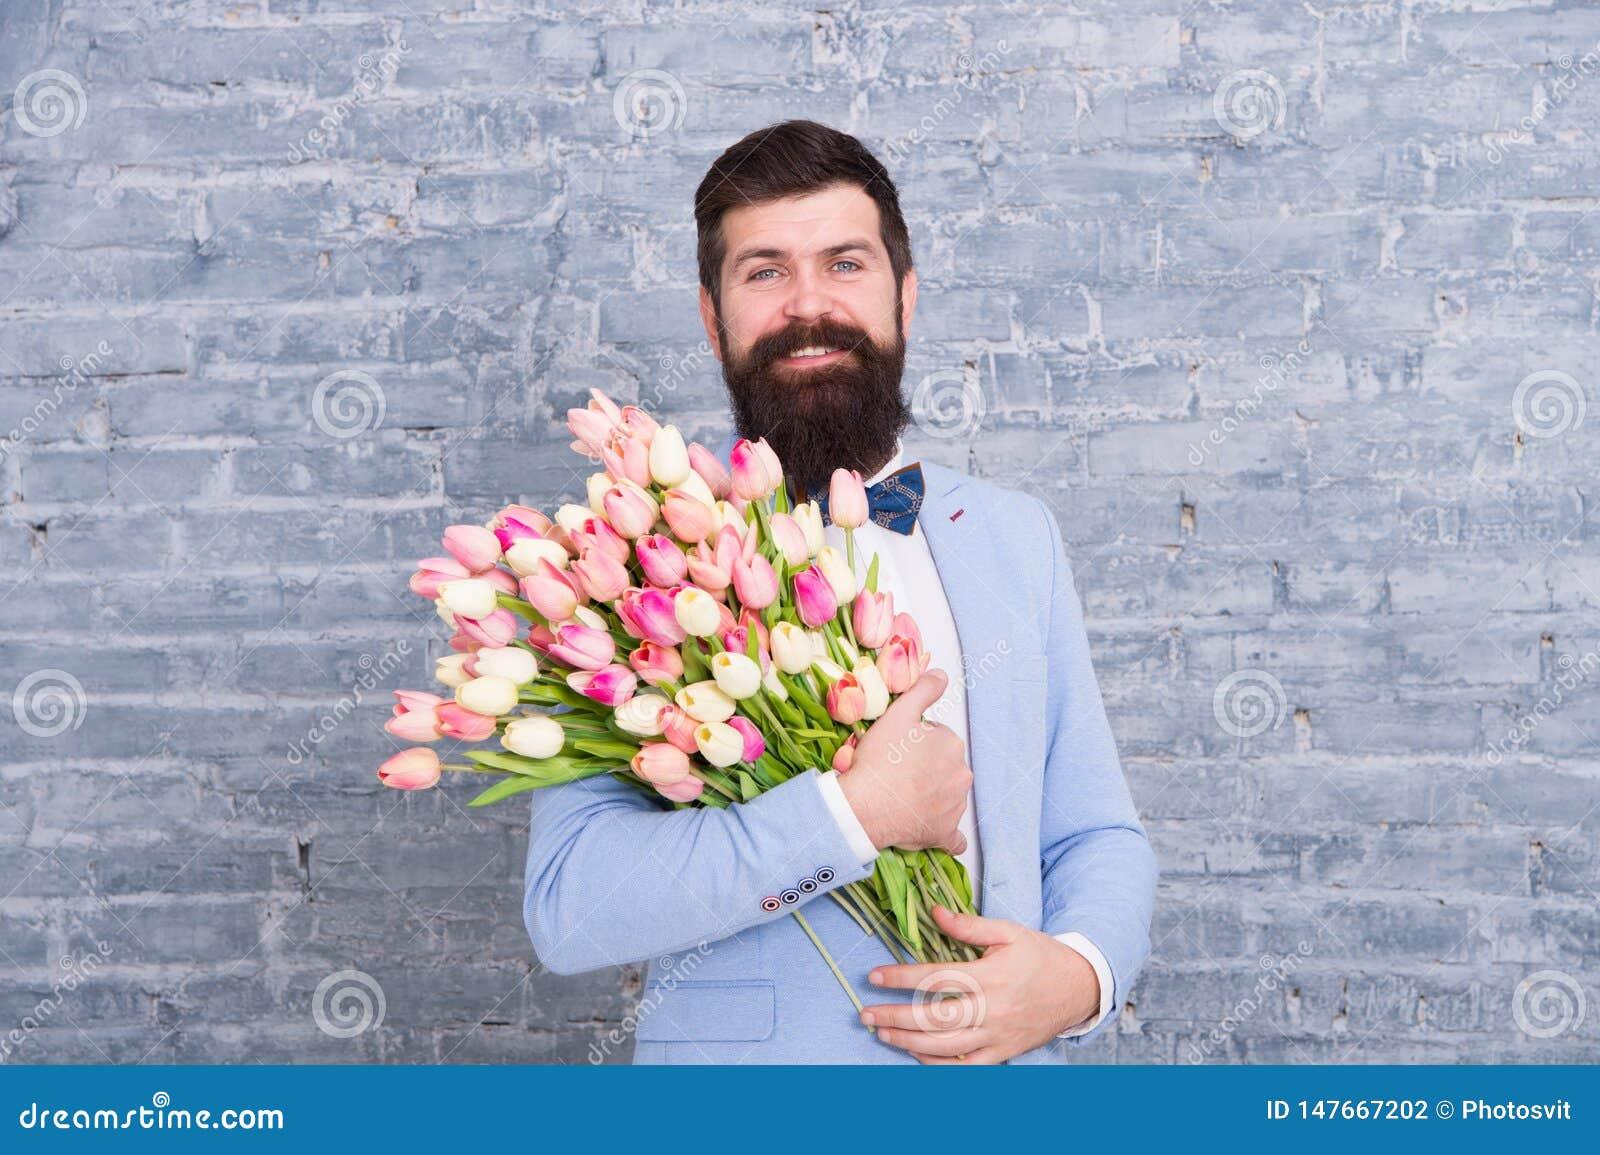 De lentestijl De dag van vrouwen is op 8 maart De lentegift Gebaarde mens hipster met bloemen De datum van de liefde Internationa